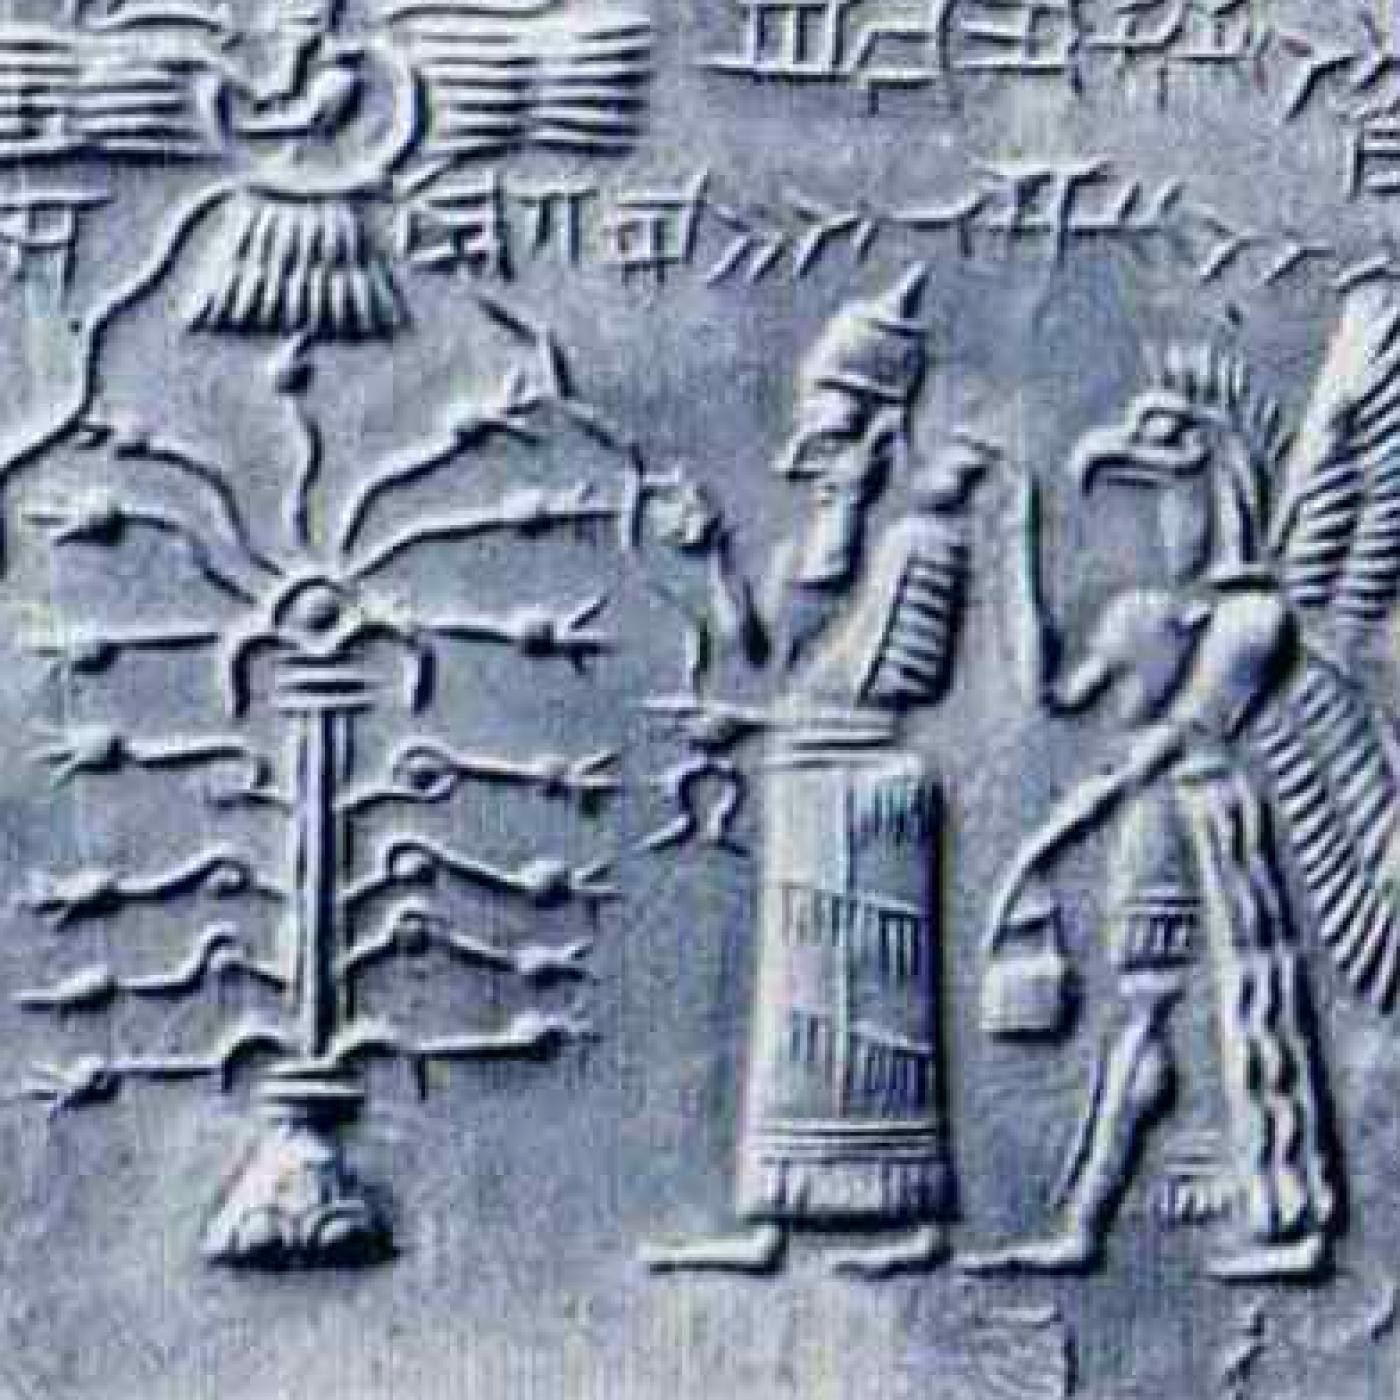 Especial Cuarto Milenio: Contacto con otros mundos · Anunnaki: ¿Nos crearon los extraterrestres?